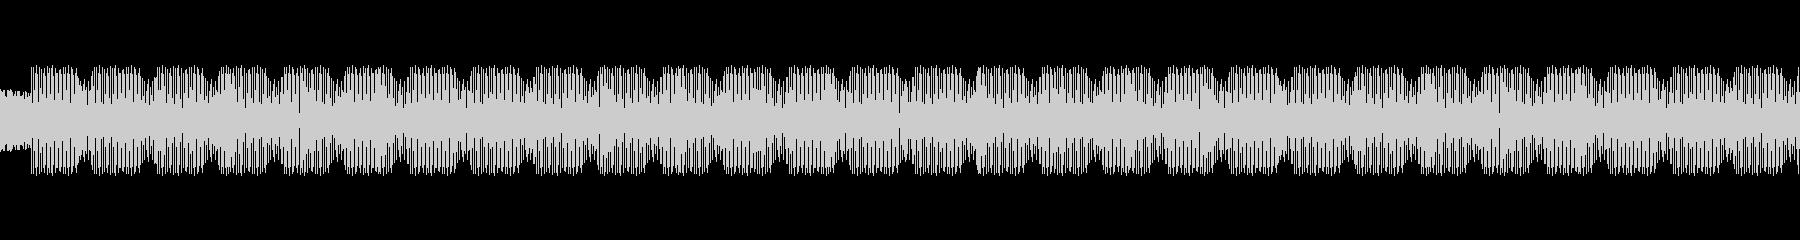 テクノ風のLofi Chill waveの未再生の波形